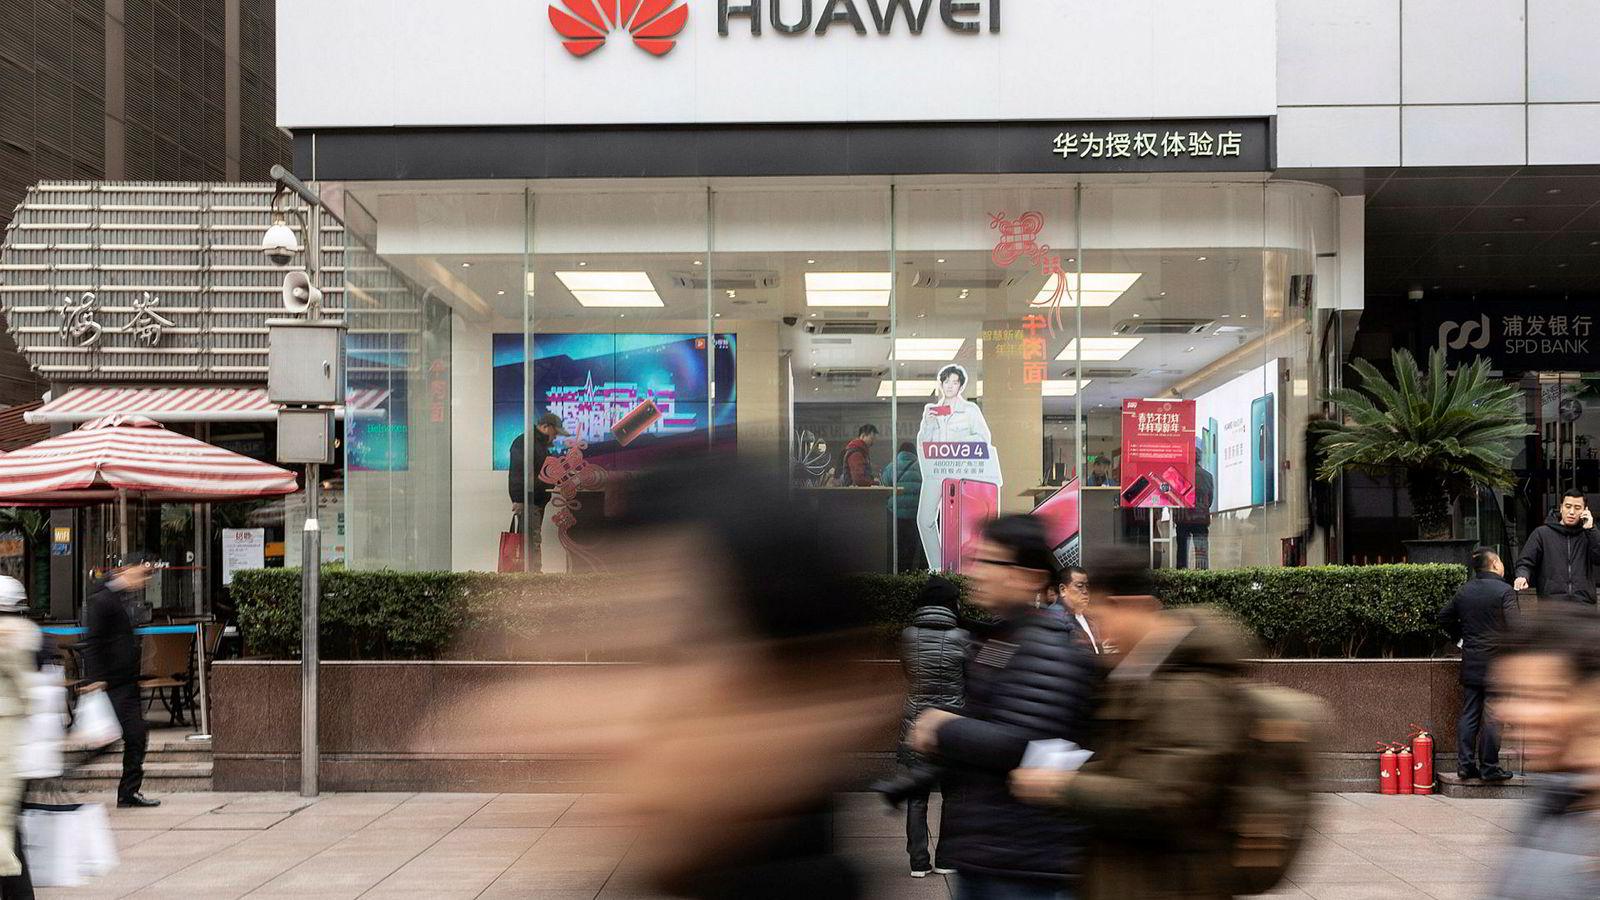 En britisk rapport advarer mot Huawei.